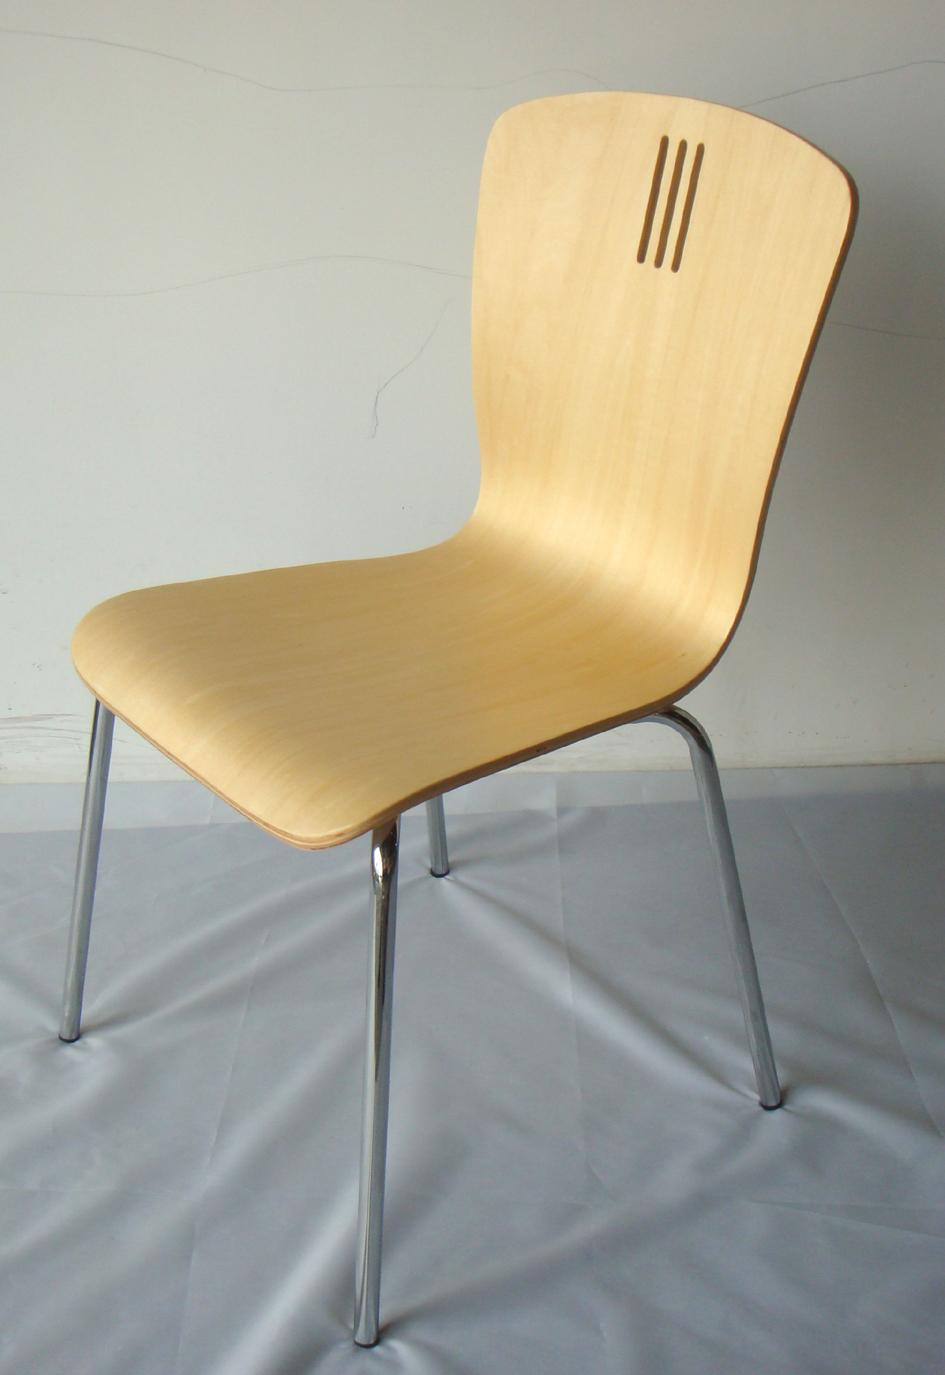 餐椅尺寸规格介绍 餐椅尺寸分类有哪些